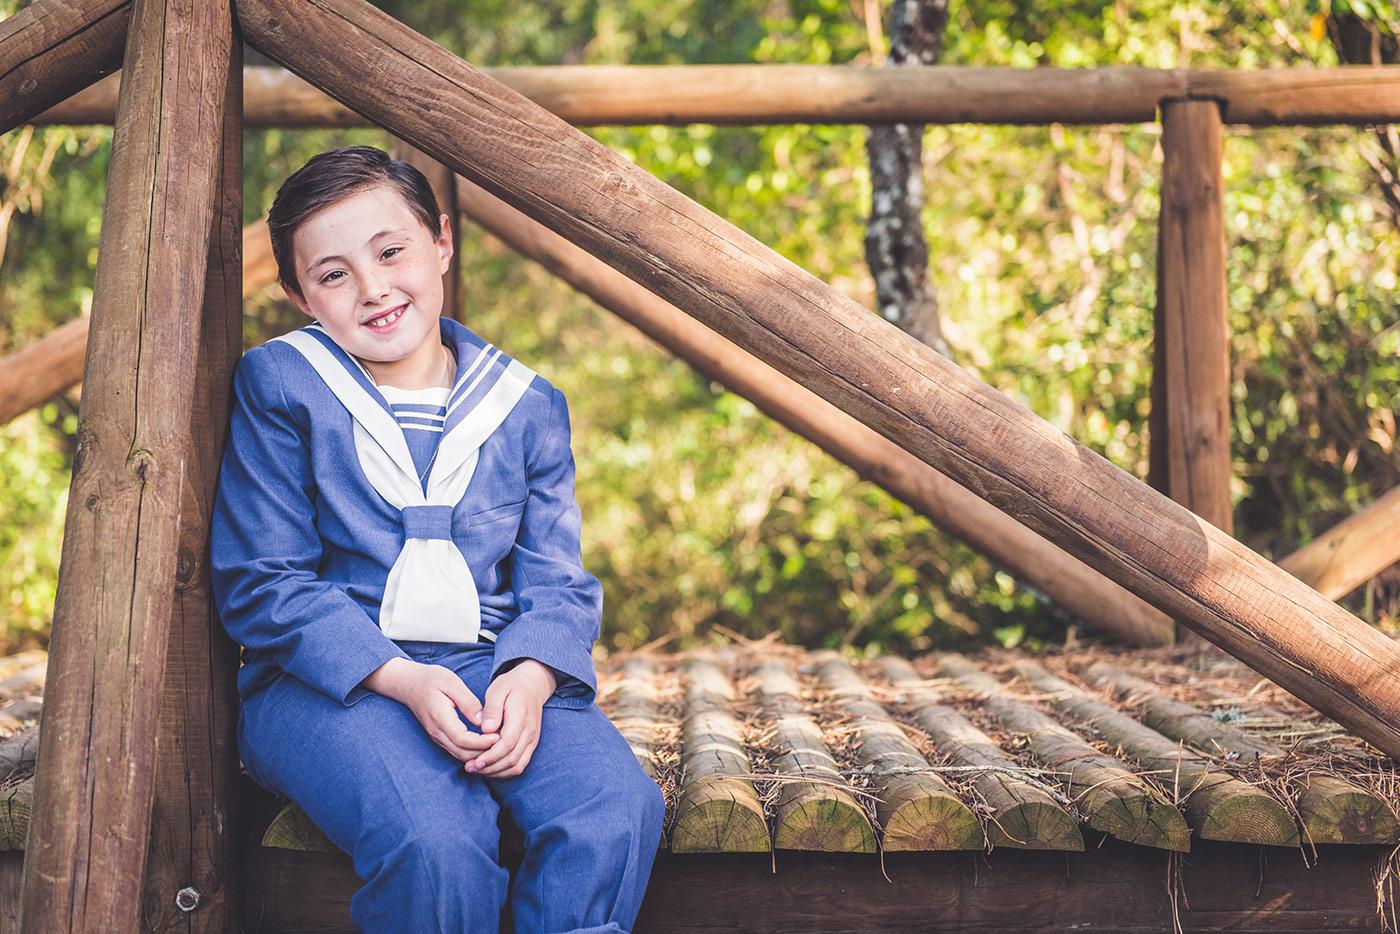 fotografia infantil, comunión